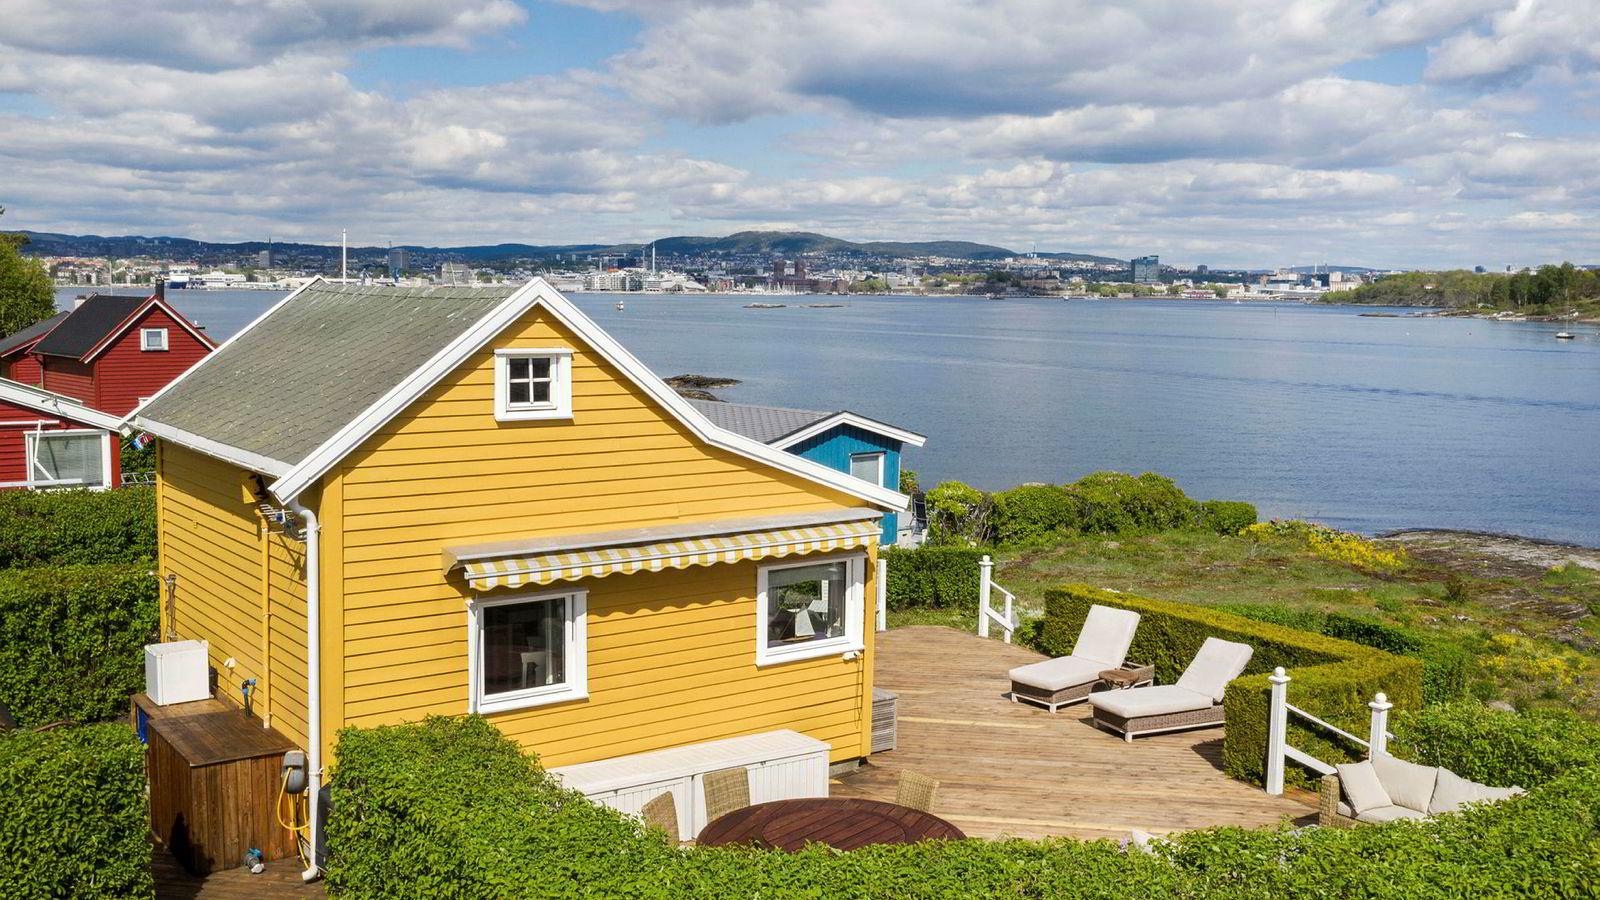 Nakkholmen-hytta med 26 kvadratmeter grunnflate ble solgt for 6,55 millioner kroner etter en heftig budrunde i slutten av mai. Det er ny rekord for småhytter på øyene rett utenfor Oslo sentrum.